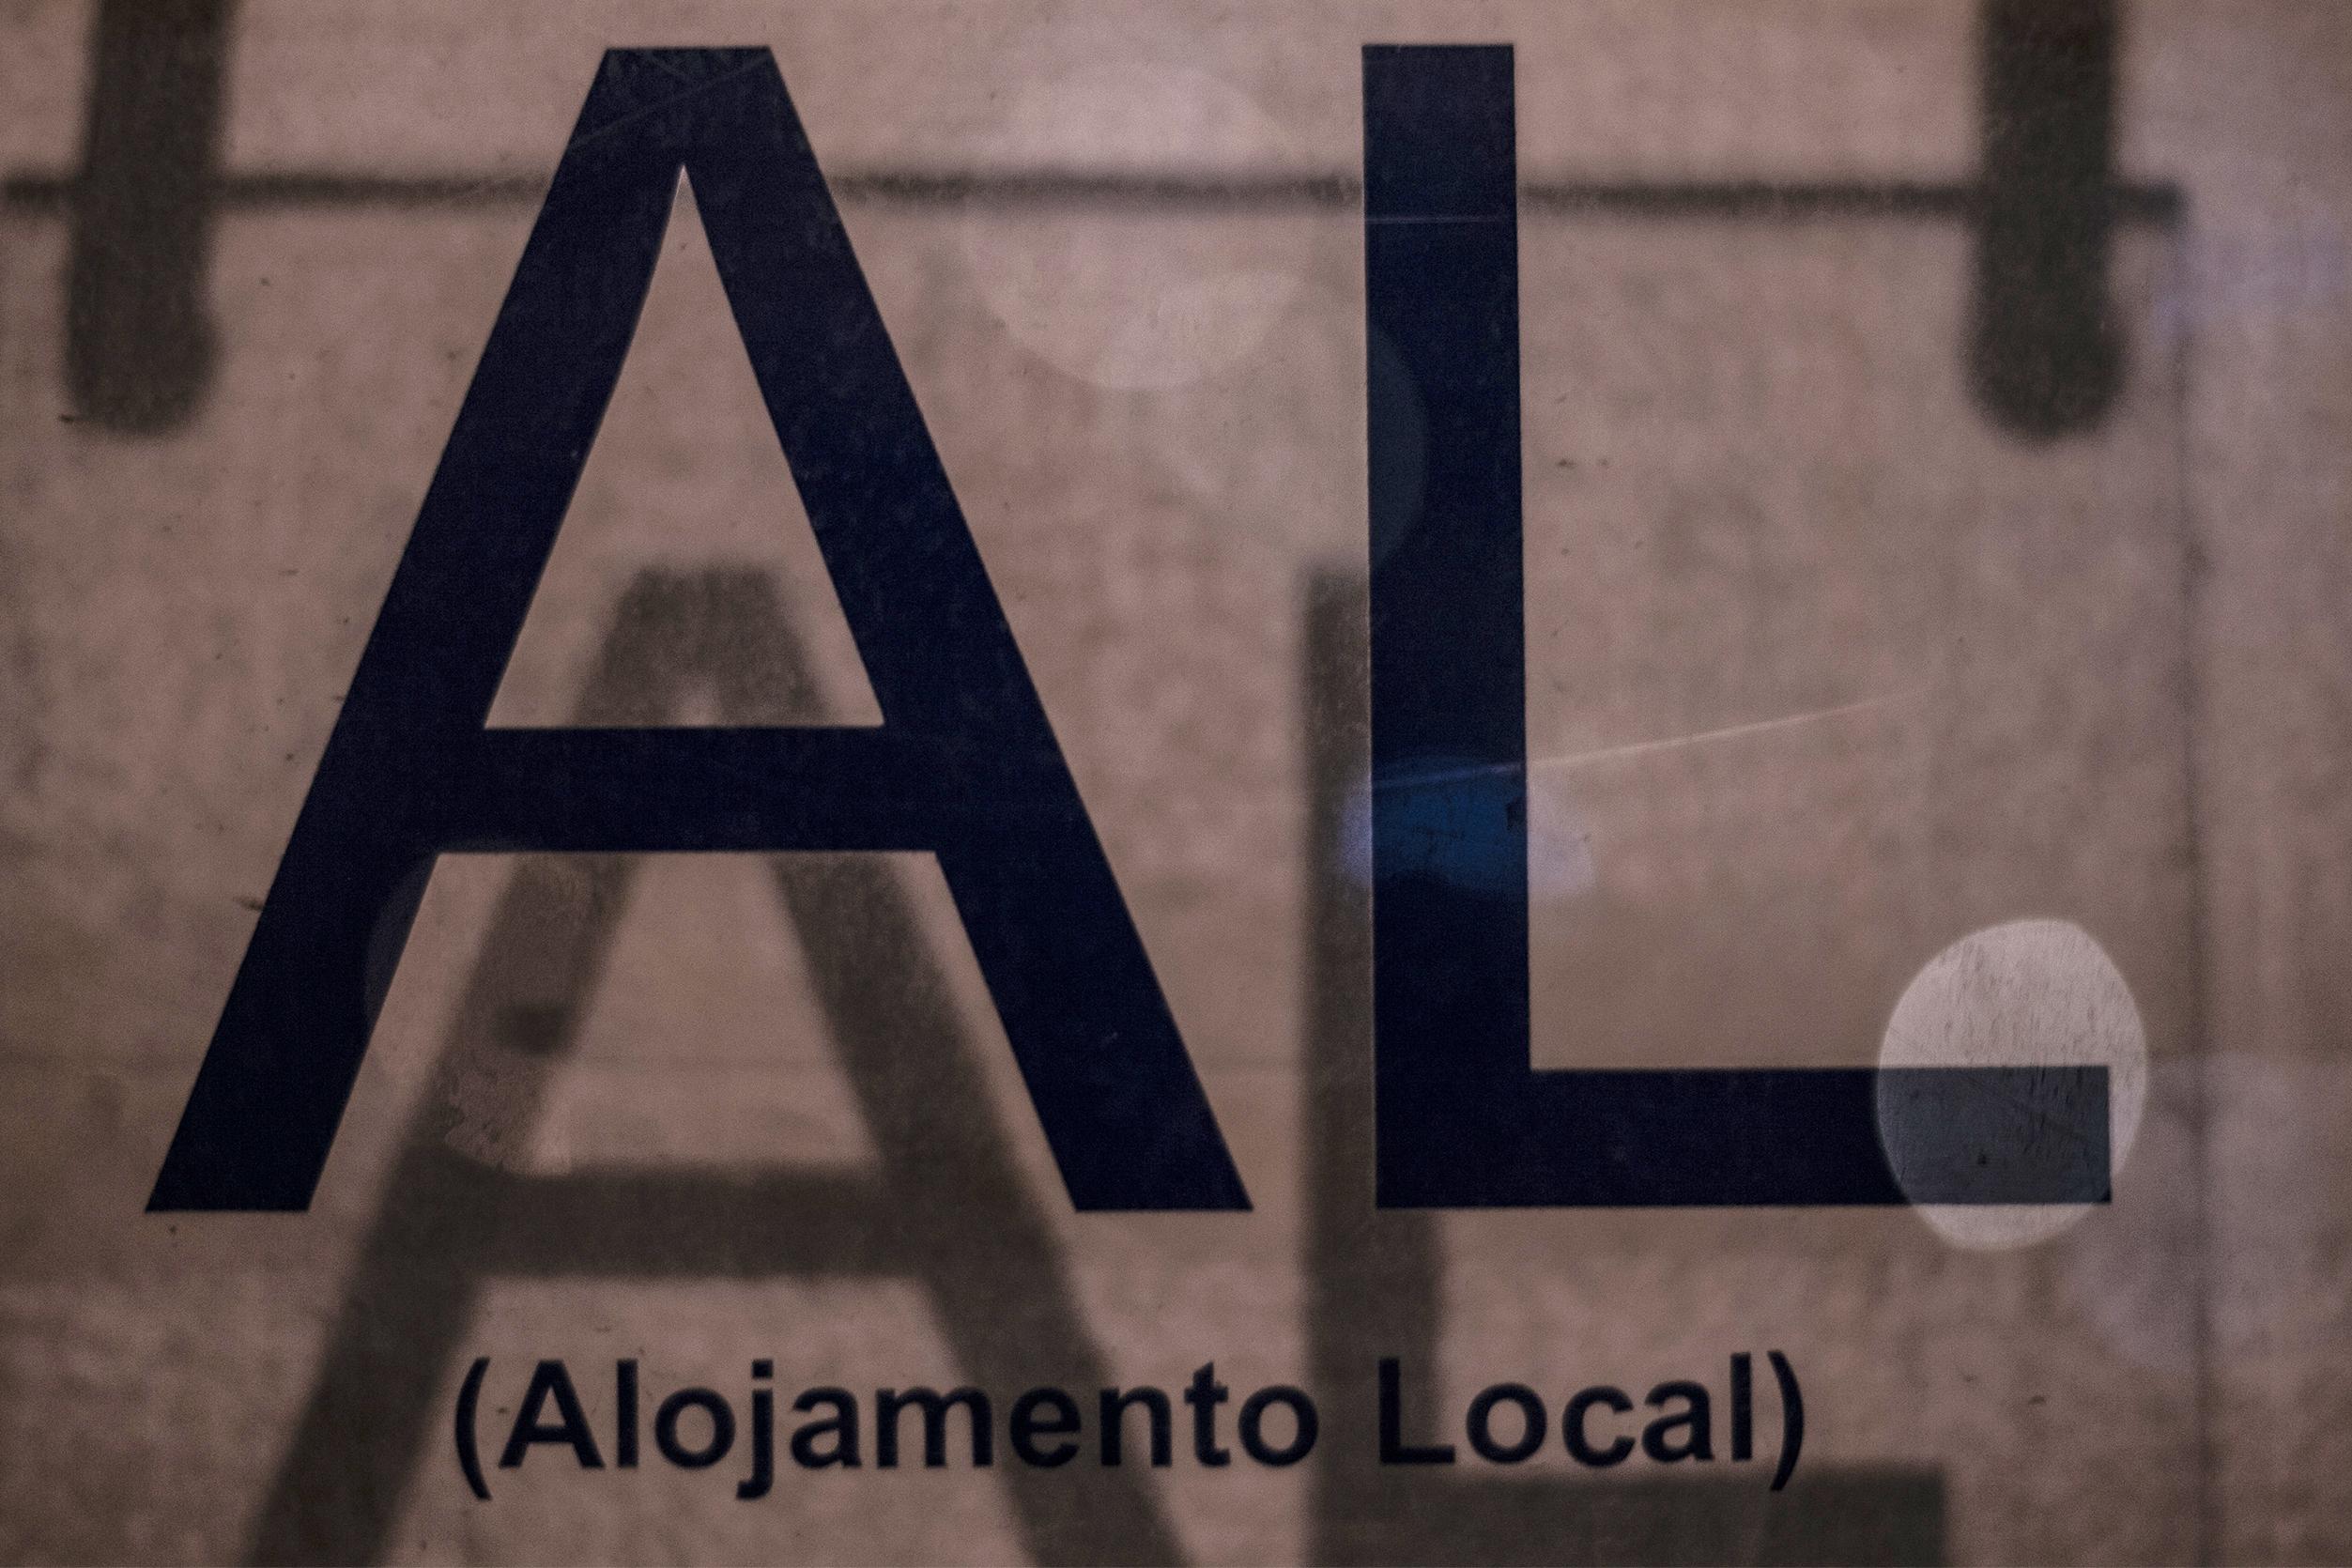 Alojamento local:  estudo estima impacto económico de 432 milhões de euros em Portugal